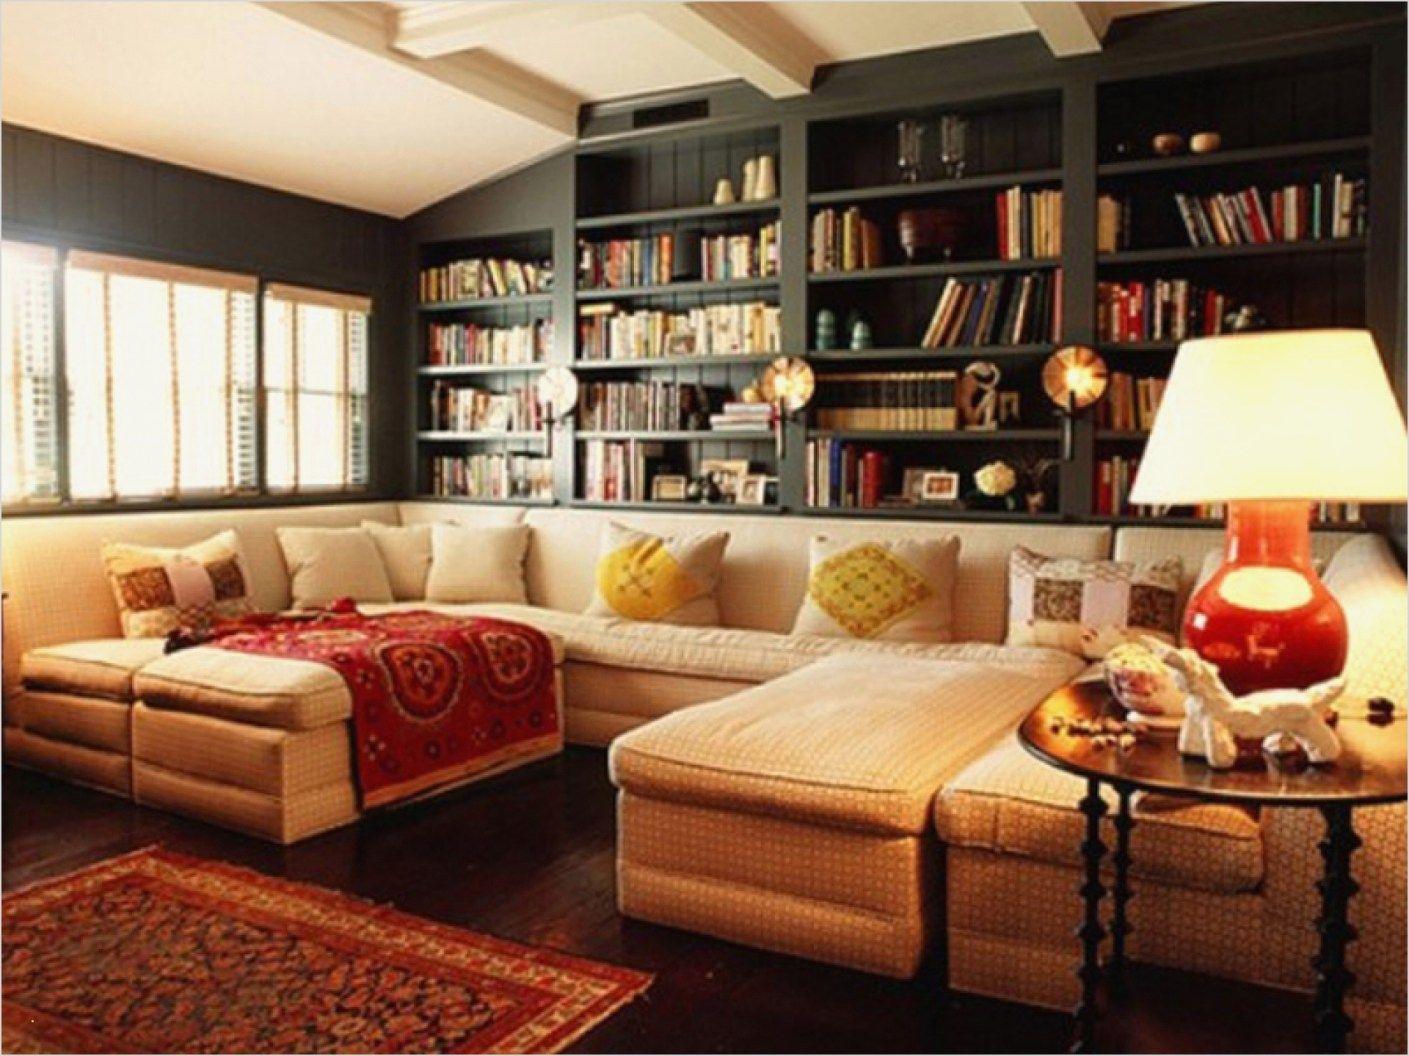 42 Warm And Cozy Living Room Ideas 73 Warm Cozy Living Room Decorating Tags Simple Cozy Living 9 Cozy Living Room Warm Living Room Warm Living Room Decor Cozy